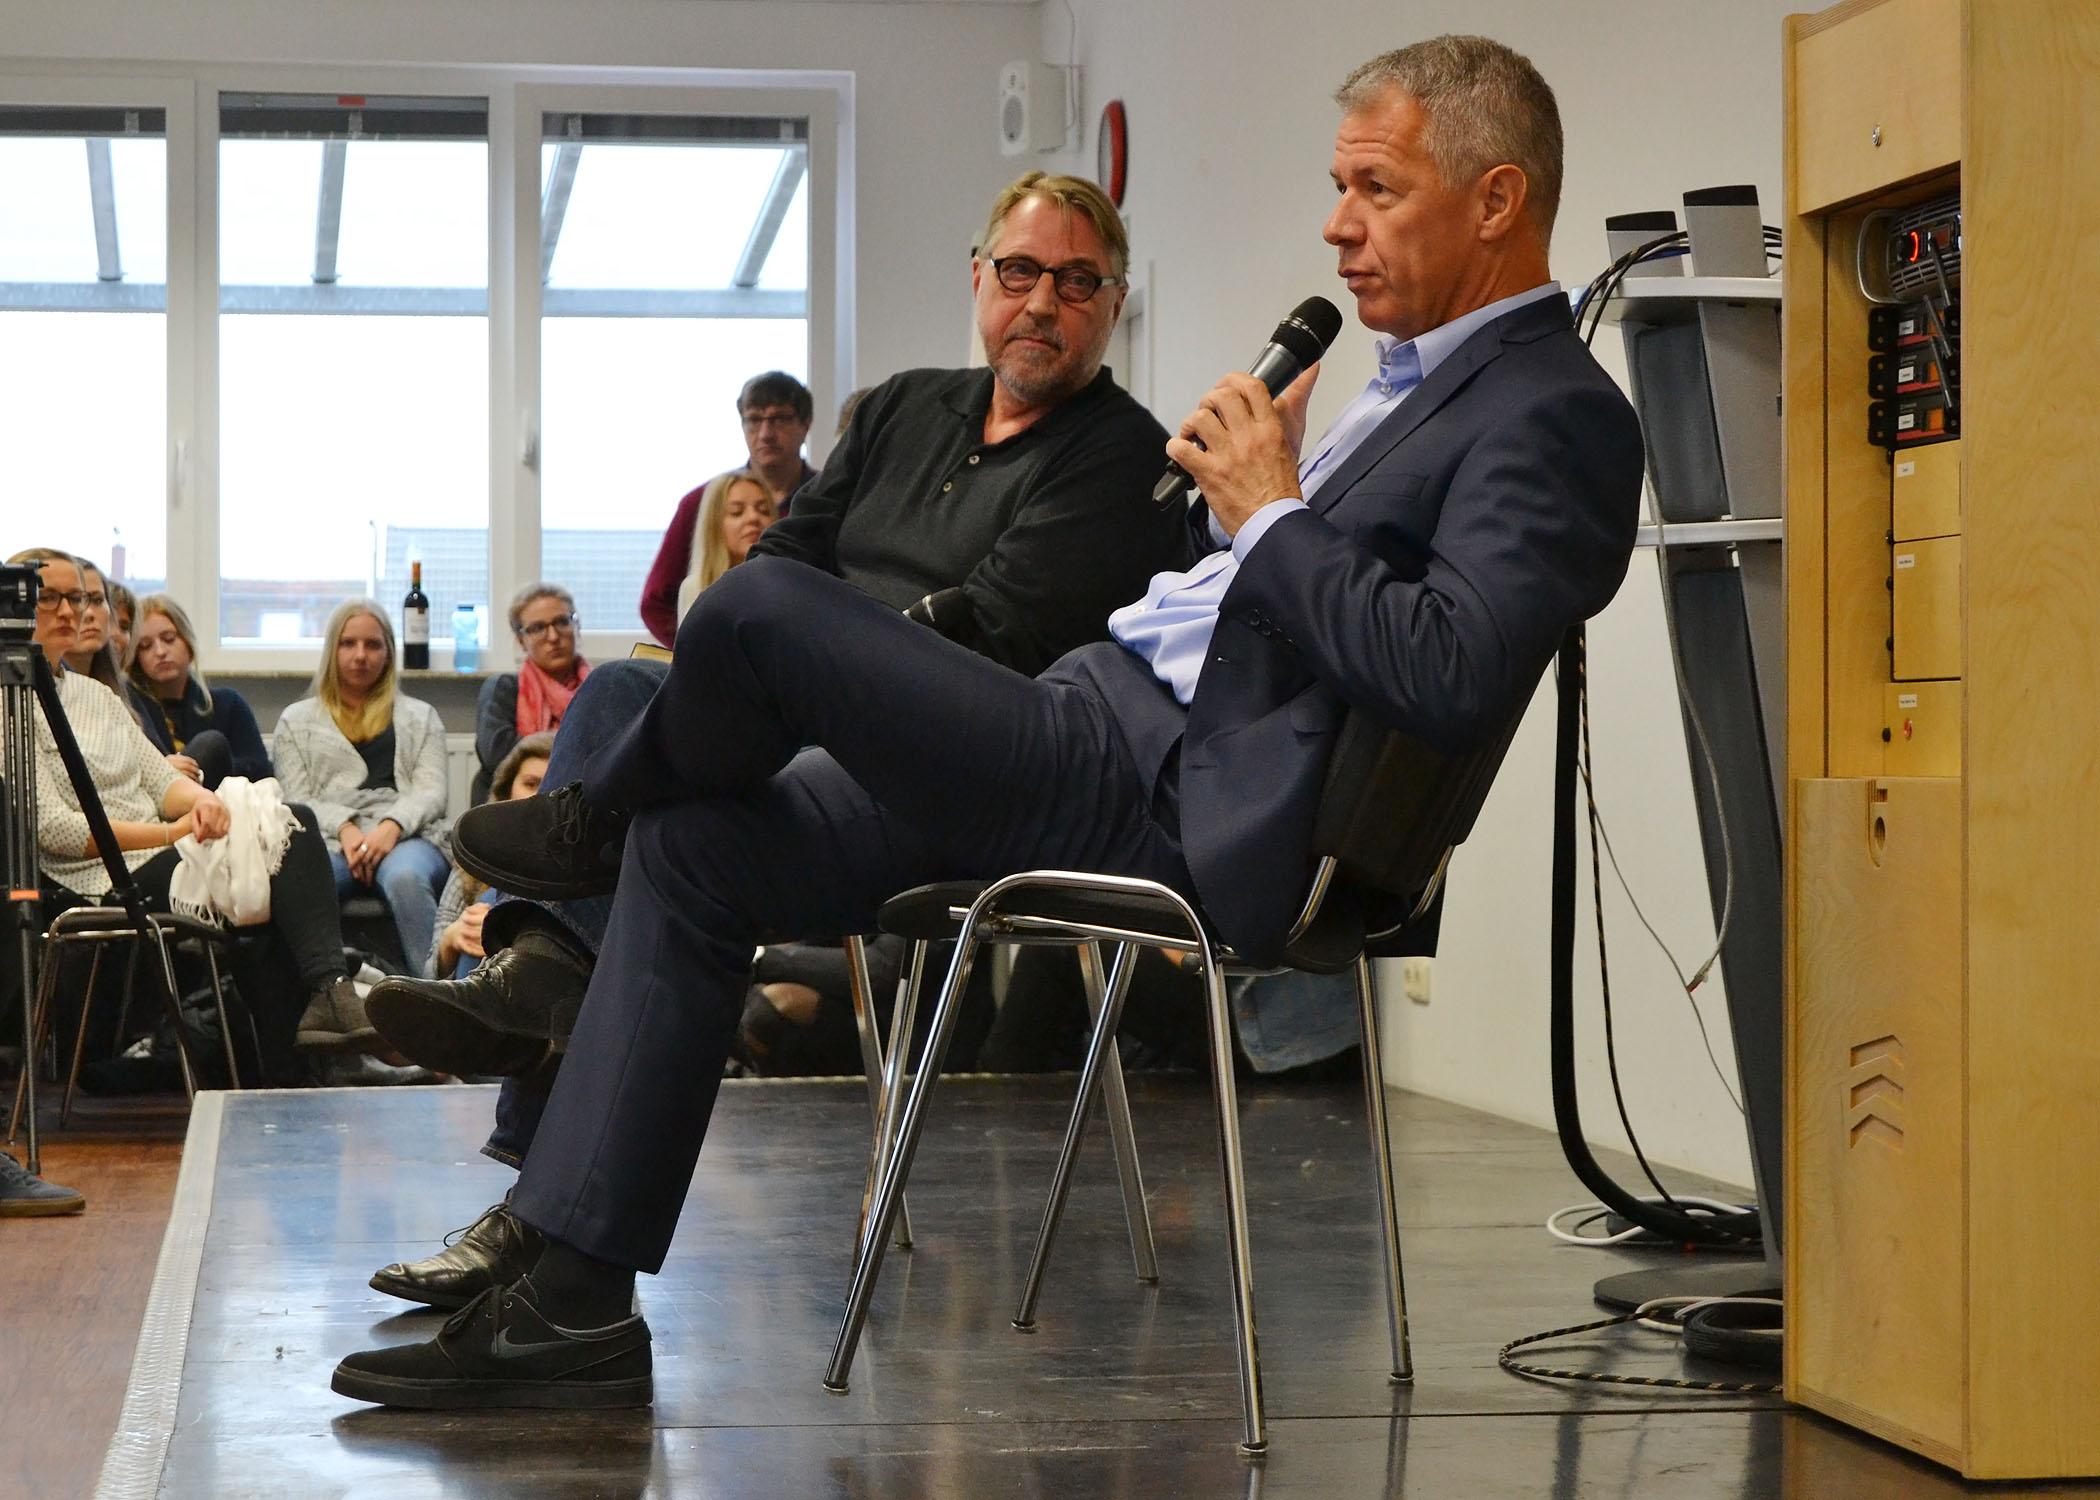 Mit HMKW-Kameradozent und Filmemacher Hans Hausmann sprach Kloeppel über (moderne) Newsformate und den Nachrichtenredaktionsalltag.